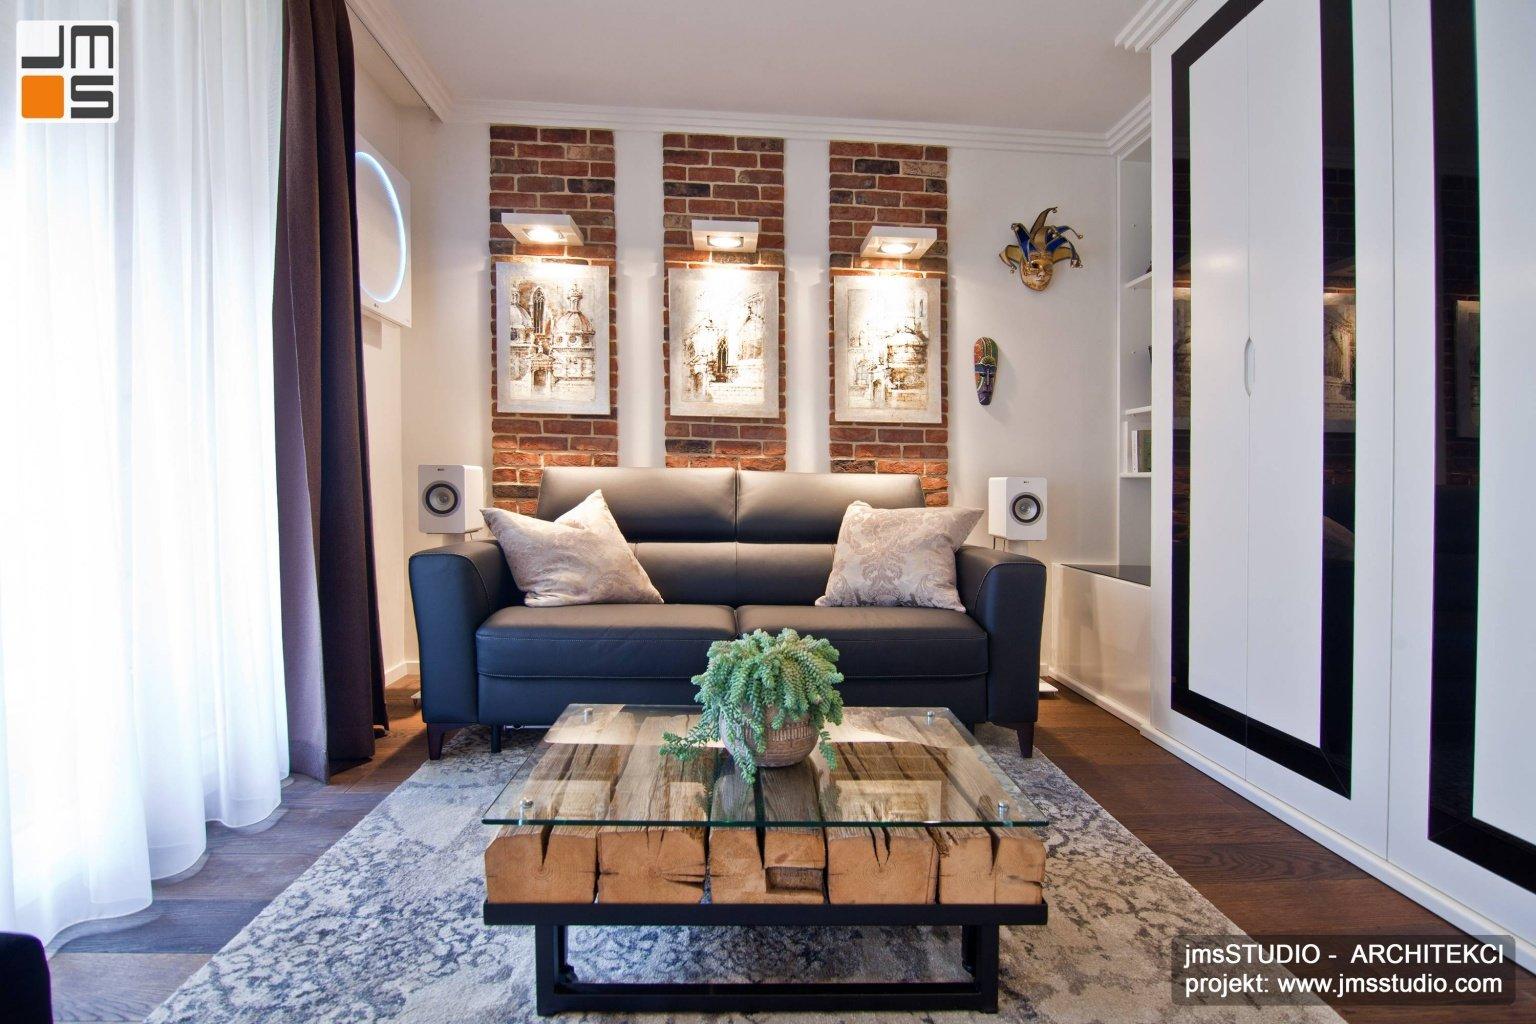 podłoga z naturalnego drewna olejowana to bardzo elegancka dekoracja rustykalnego wnętrza mieszkania w Krakowie